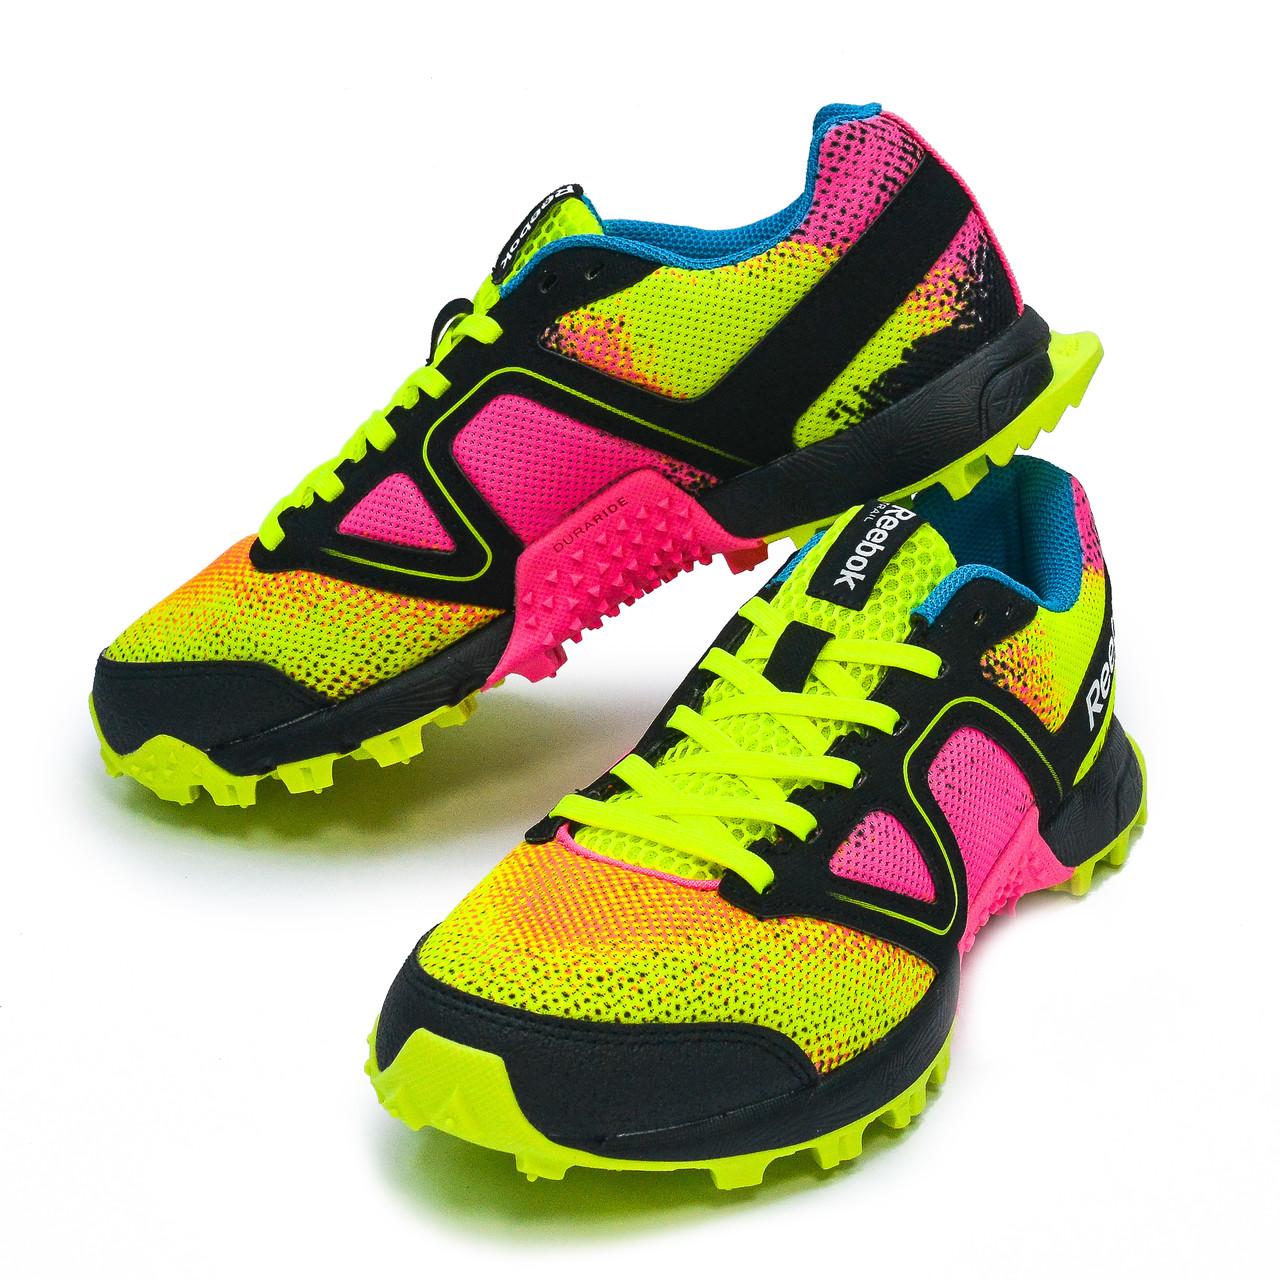 Оригинальные женские кроссовки Reebok DirtKicker Trail II